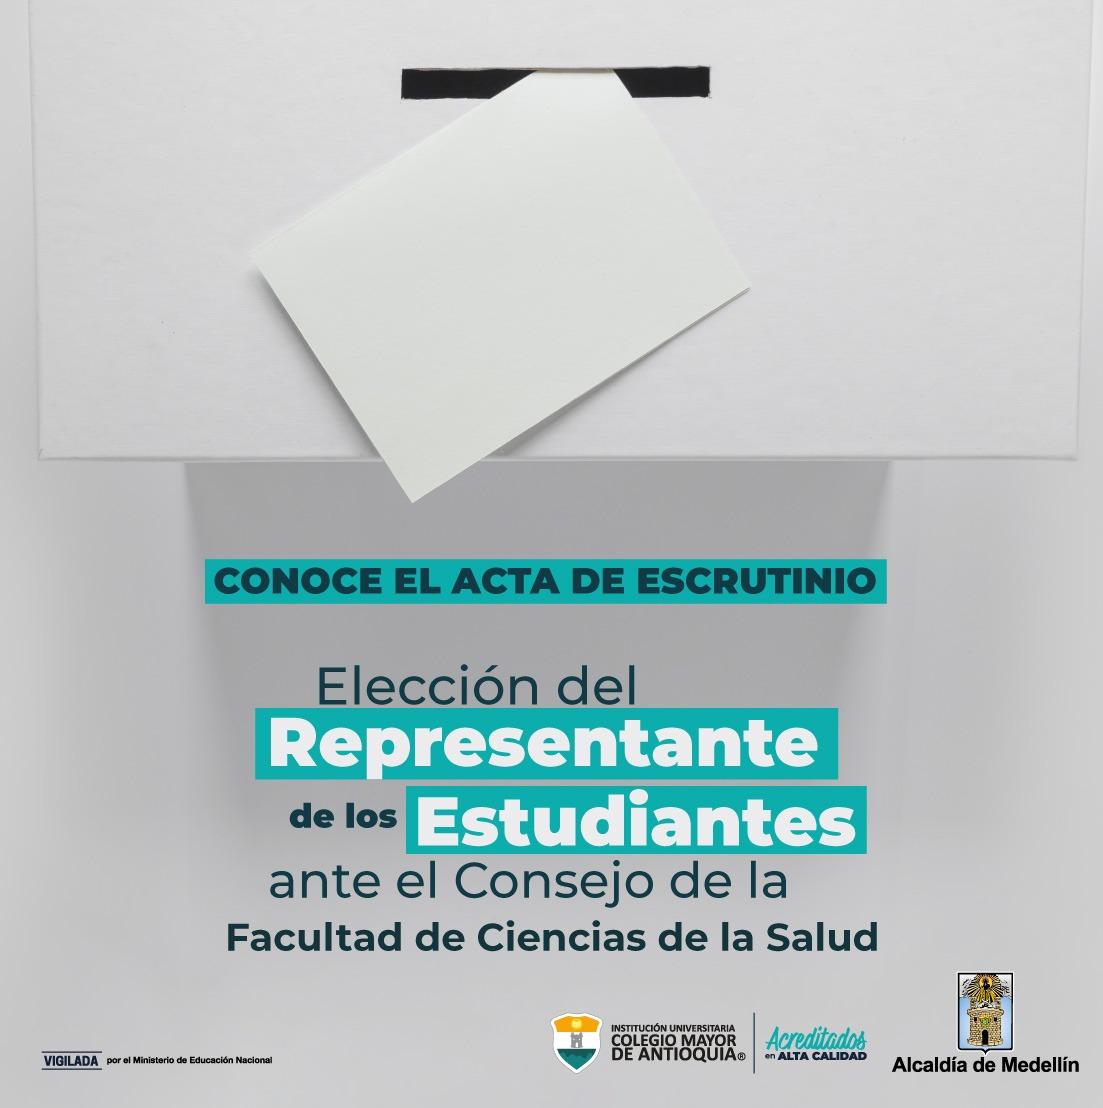 NUEVO REPRESENTANTE DE LOS ESTUDIANTES AL CONSEJO DE FACULTAD DE CIENCIAS DE LASALUD